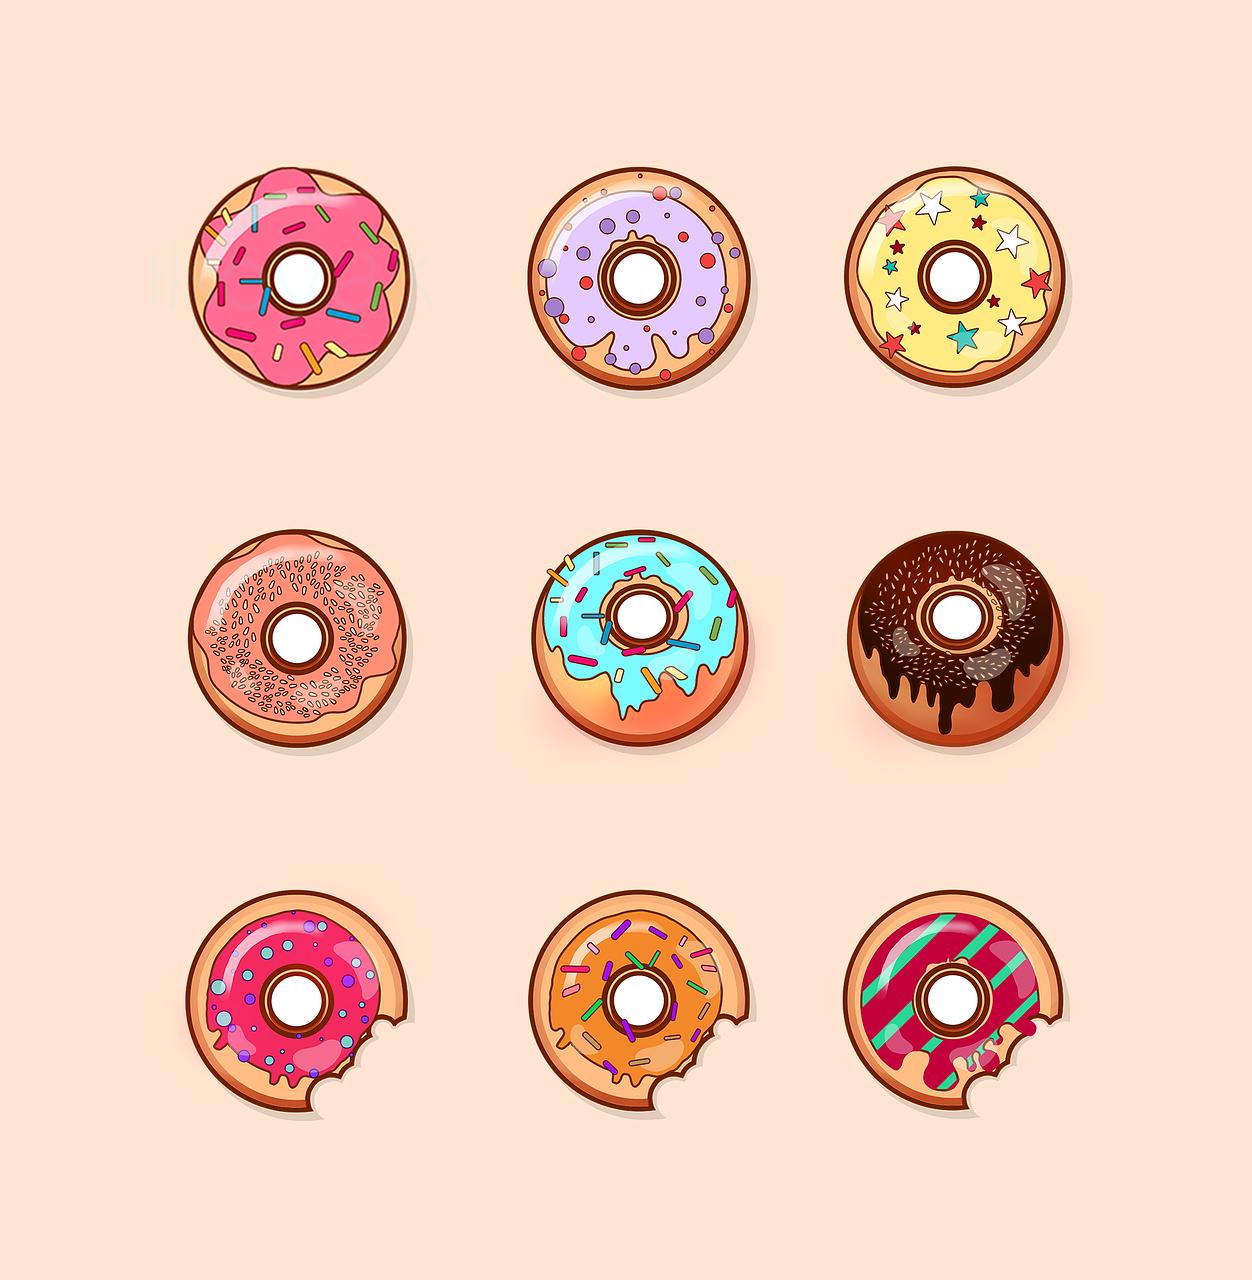 Donut Sweets Baking Free Image On Pixabay